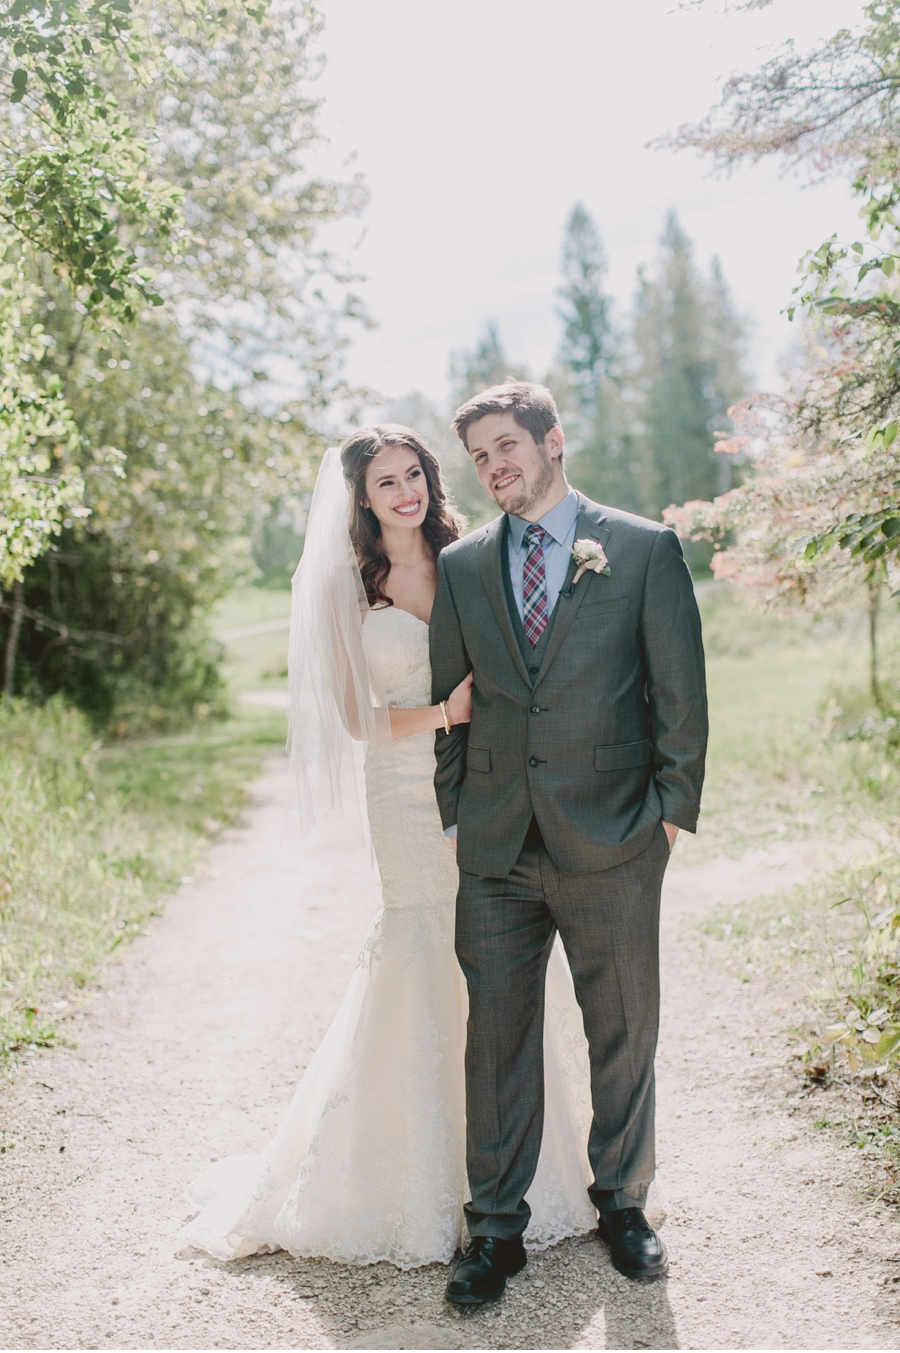 Manitoba-Wedding-Inspiration